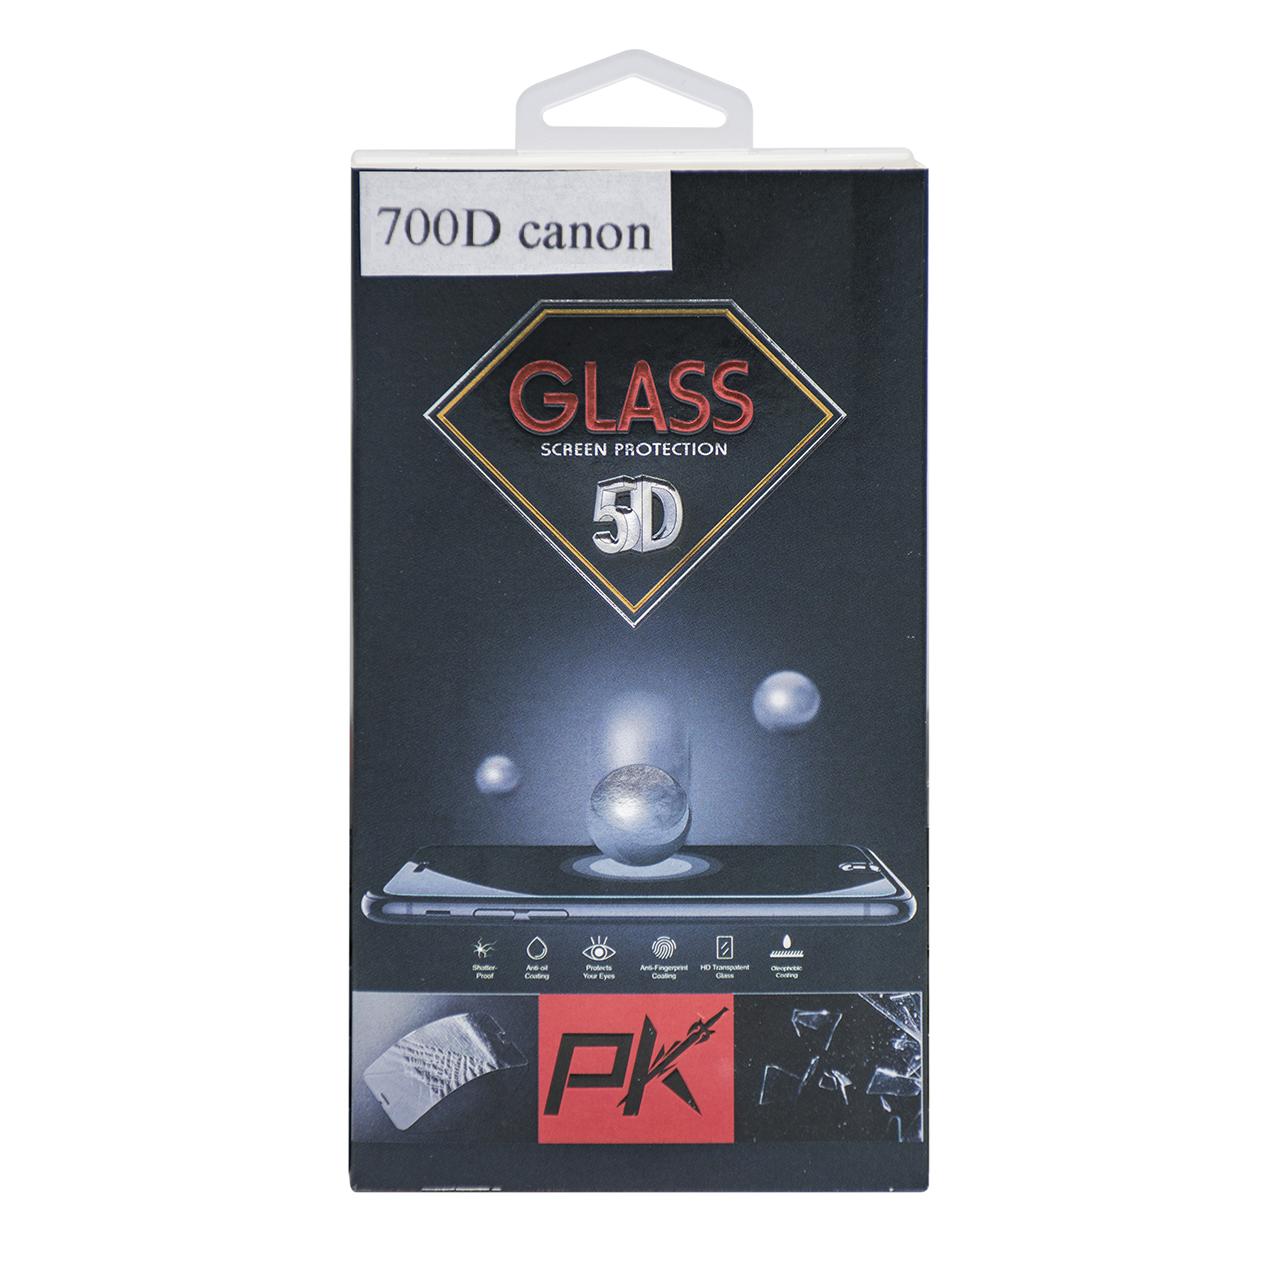 محافظ صفحه نمایش دوربین پی کی مدل P700D مناسب برای کانن 700D